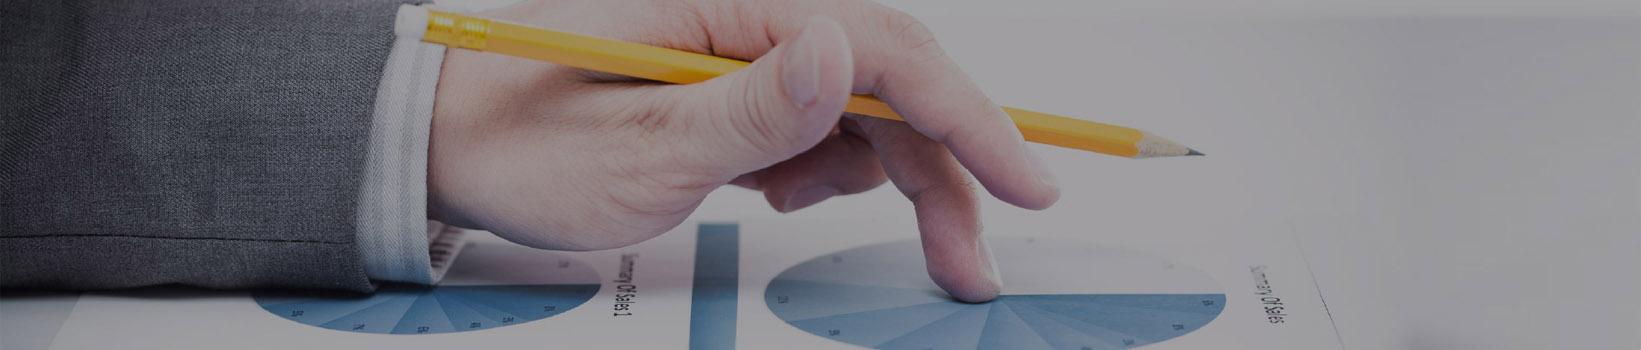 Imagen de cabecera para representar el cálculo de aranceles de la web de Pradera González Procuradores